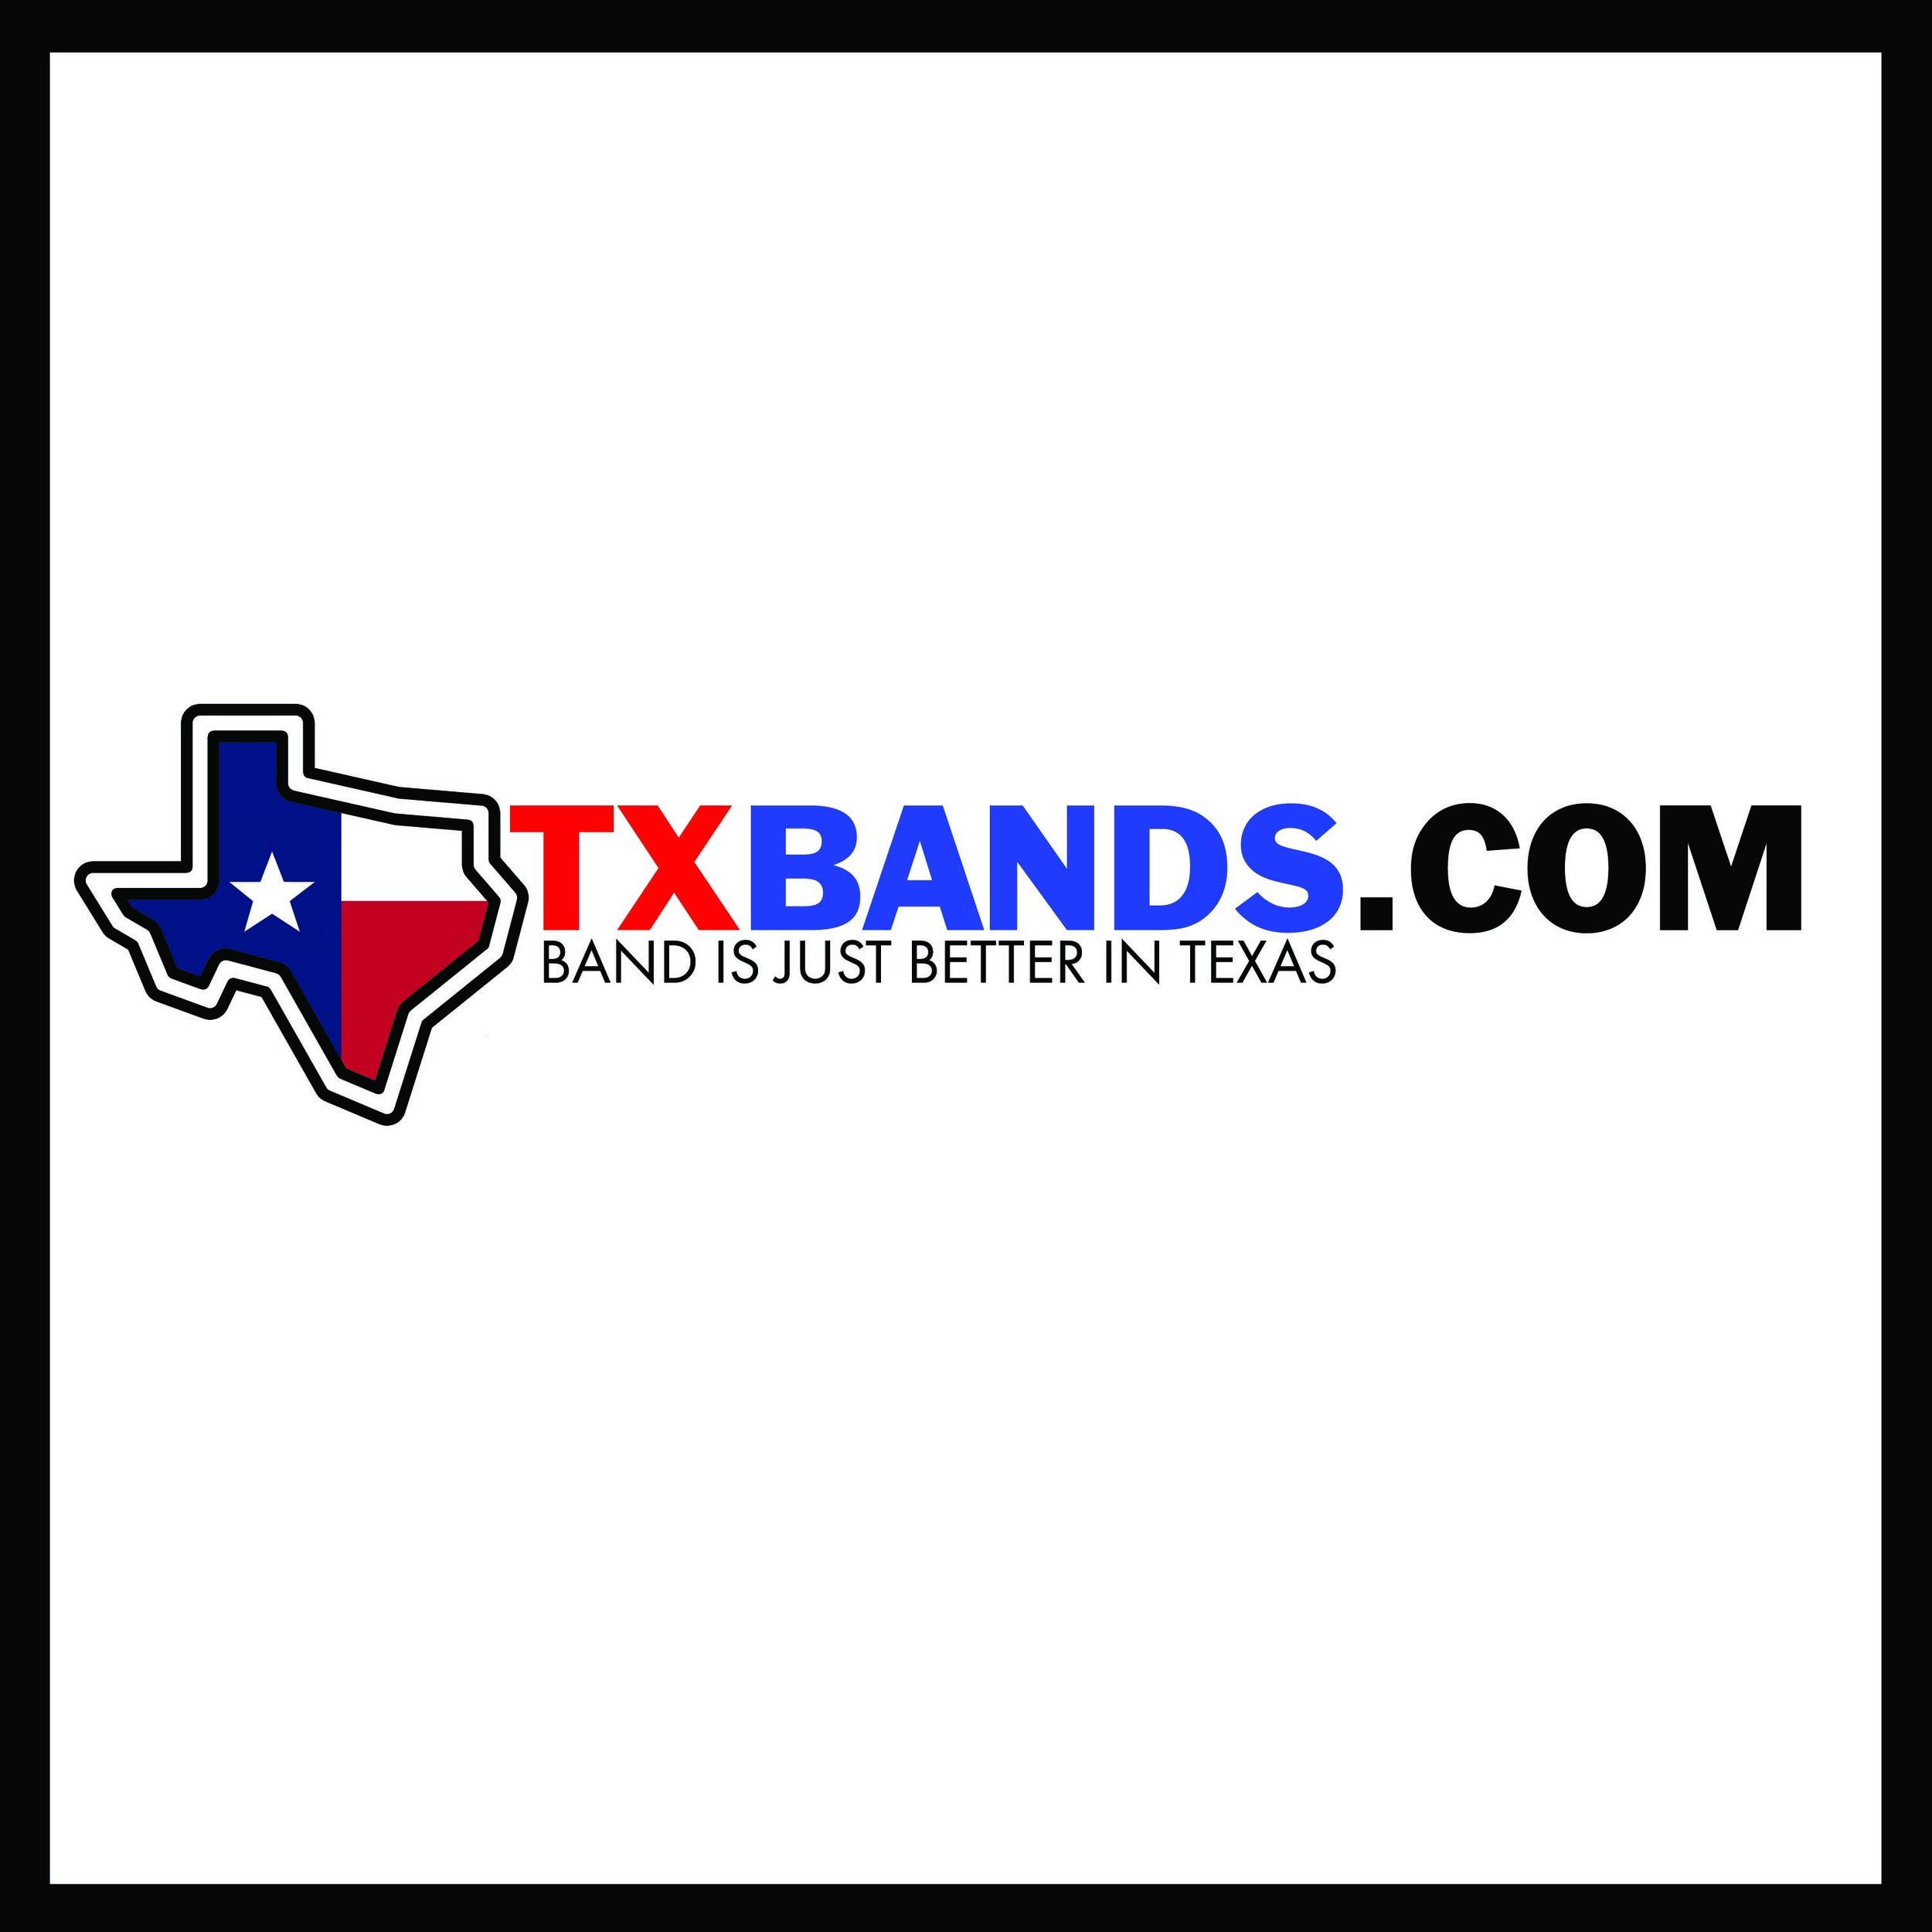 TxBands.com